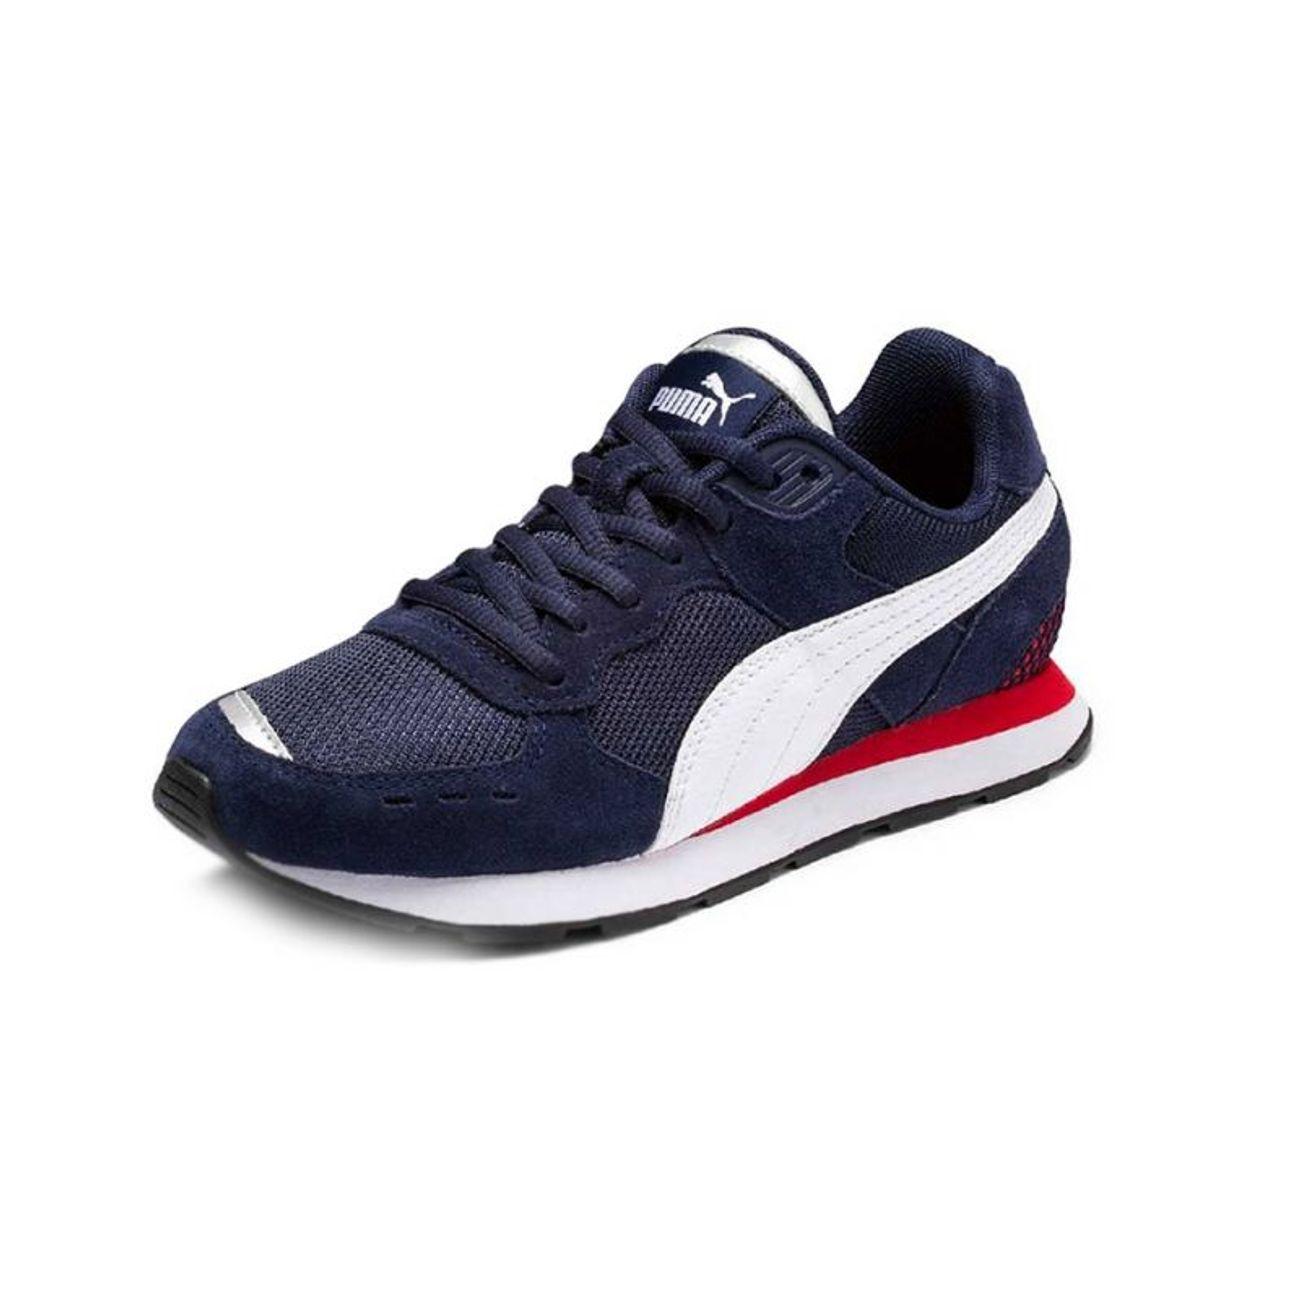 Adulte Junior Padel 369539 Vista Bleu Puma 02 Blanc 1TKclFJ